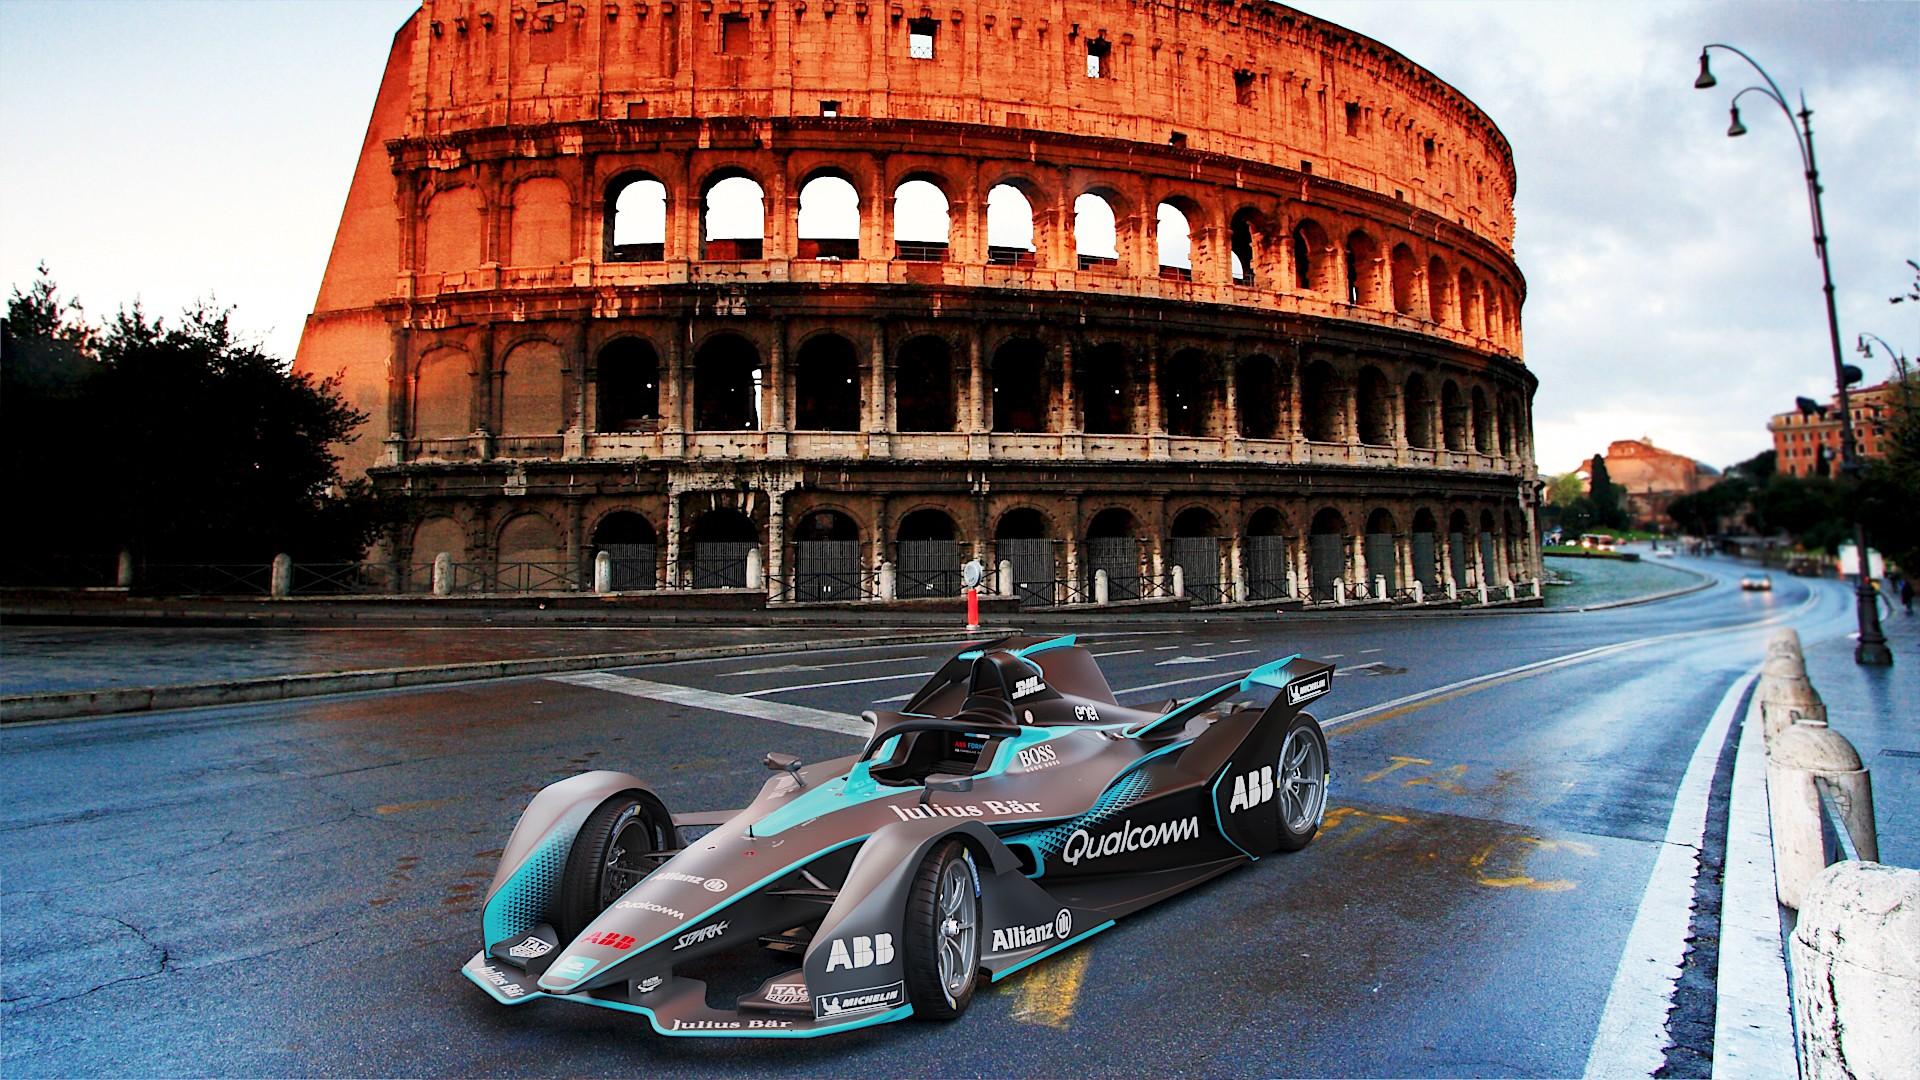 Formula One Car Wallpaper Second Gen Formula E Car Gets The Futuristic Look It